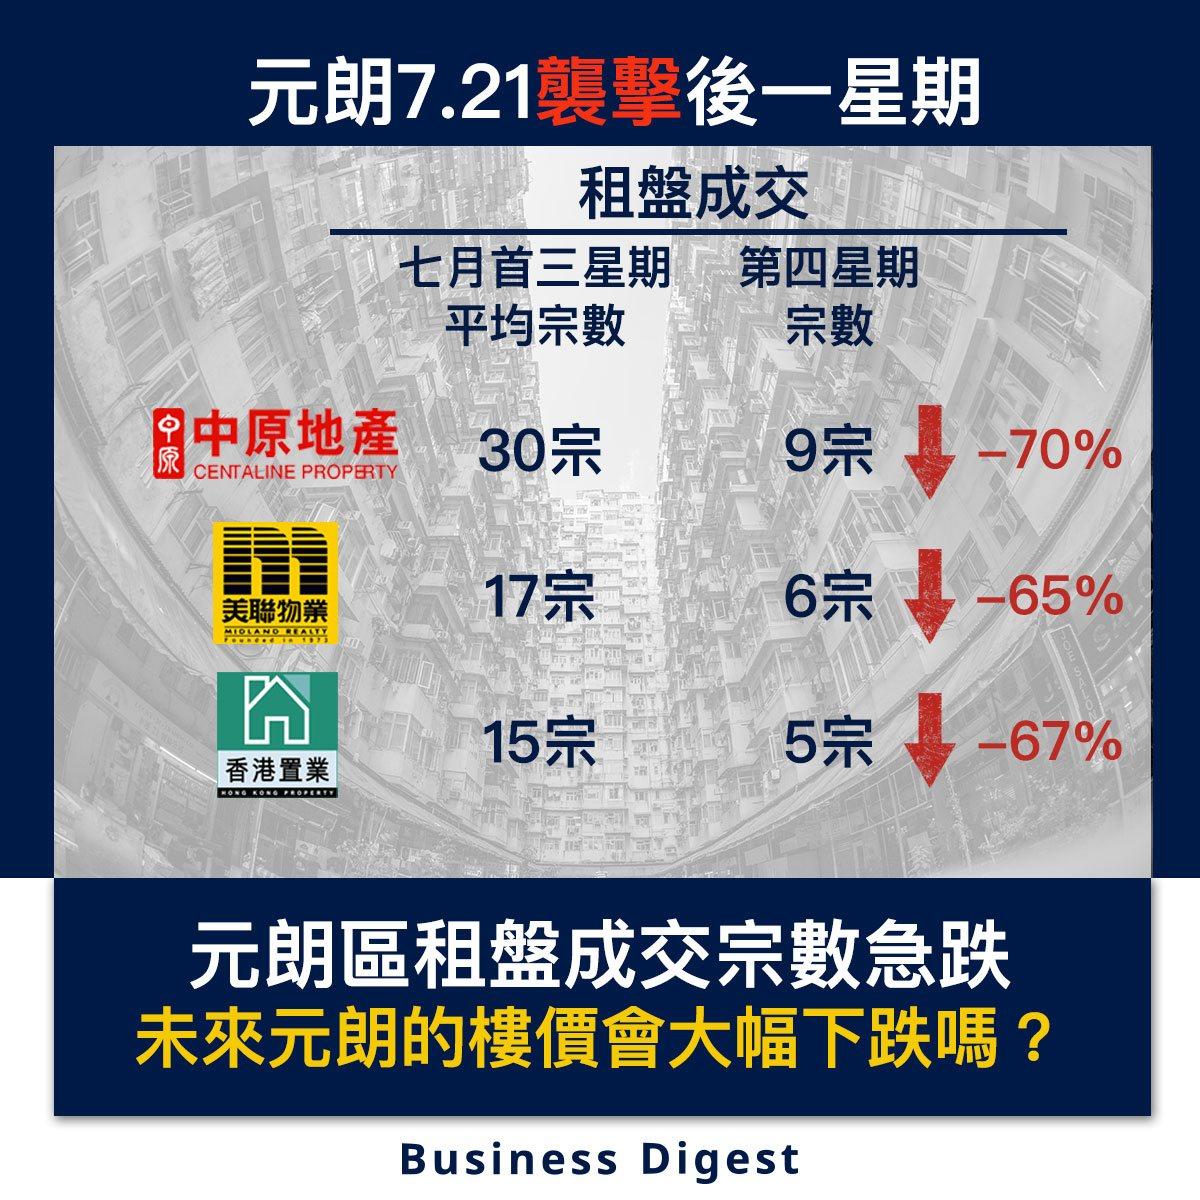 【從數據認識經濟】元朗區租盤成交宗數急跌,未來元朗的樓價會大幅下跌嗎?